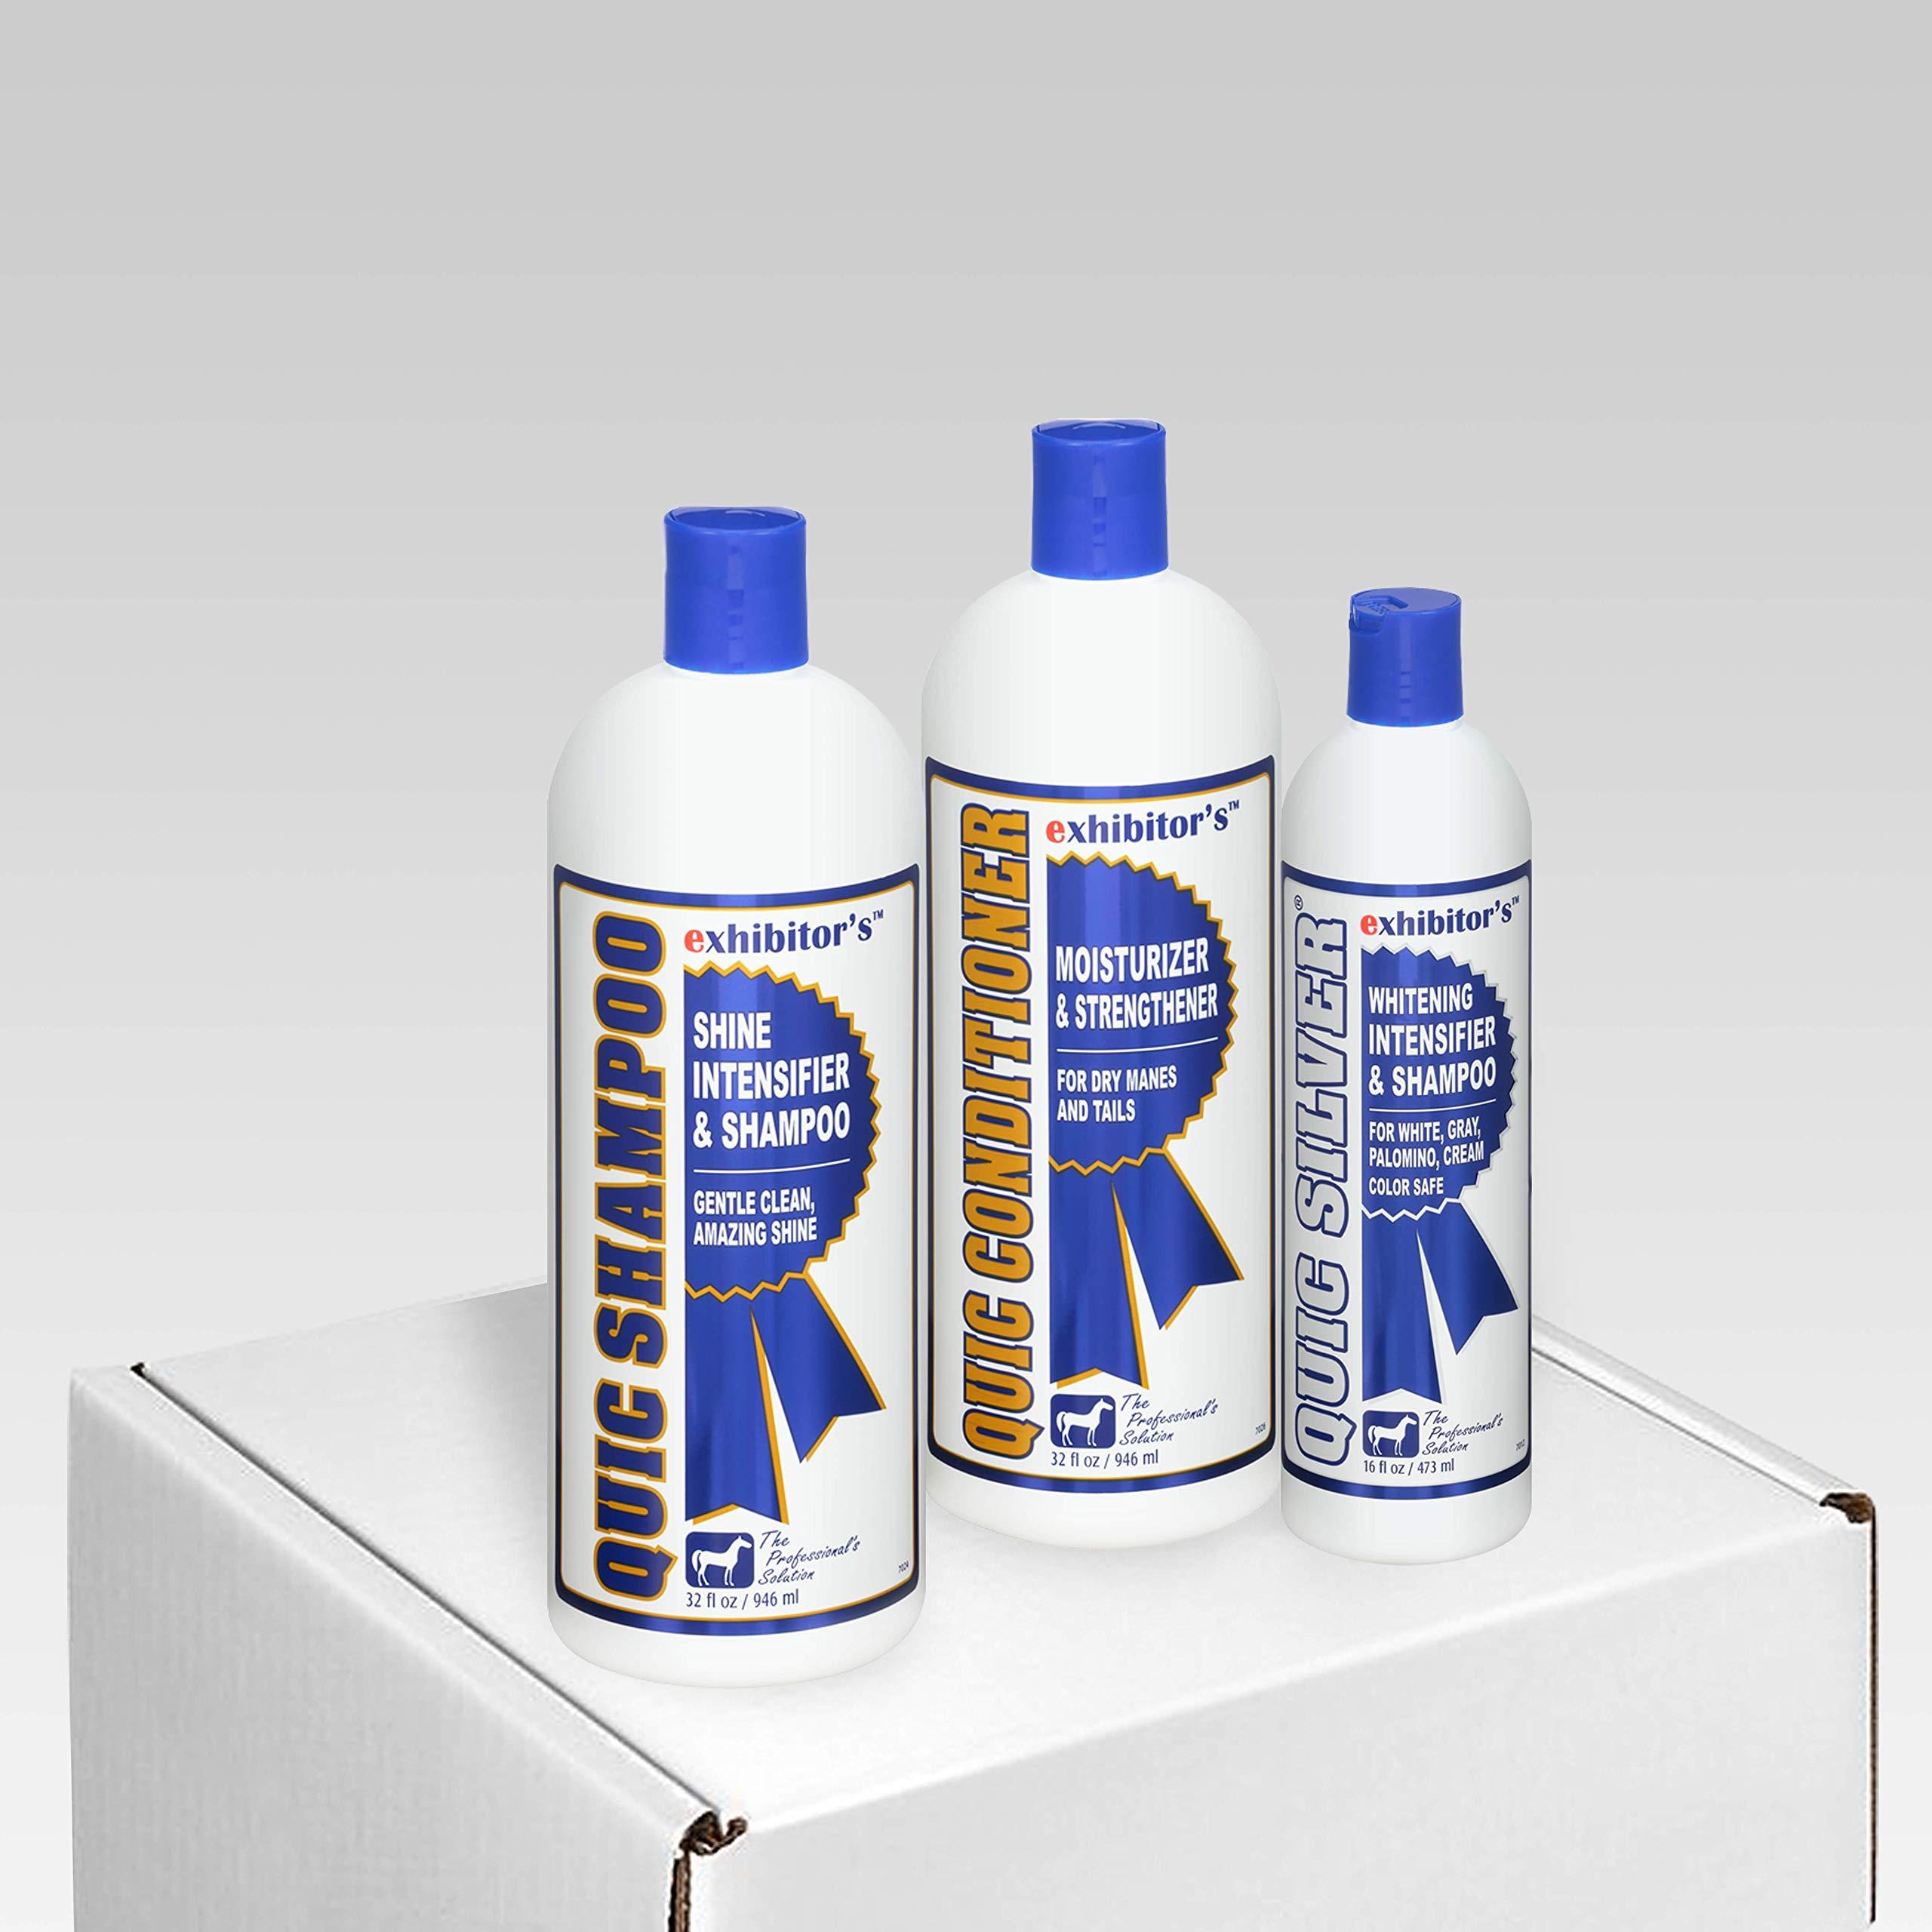 exhibitor's Quic Shampoo Quic Conditioner Plus Color Intensifiers (Quic Silver Set)